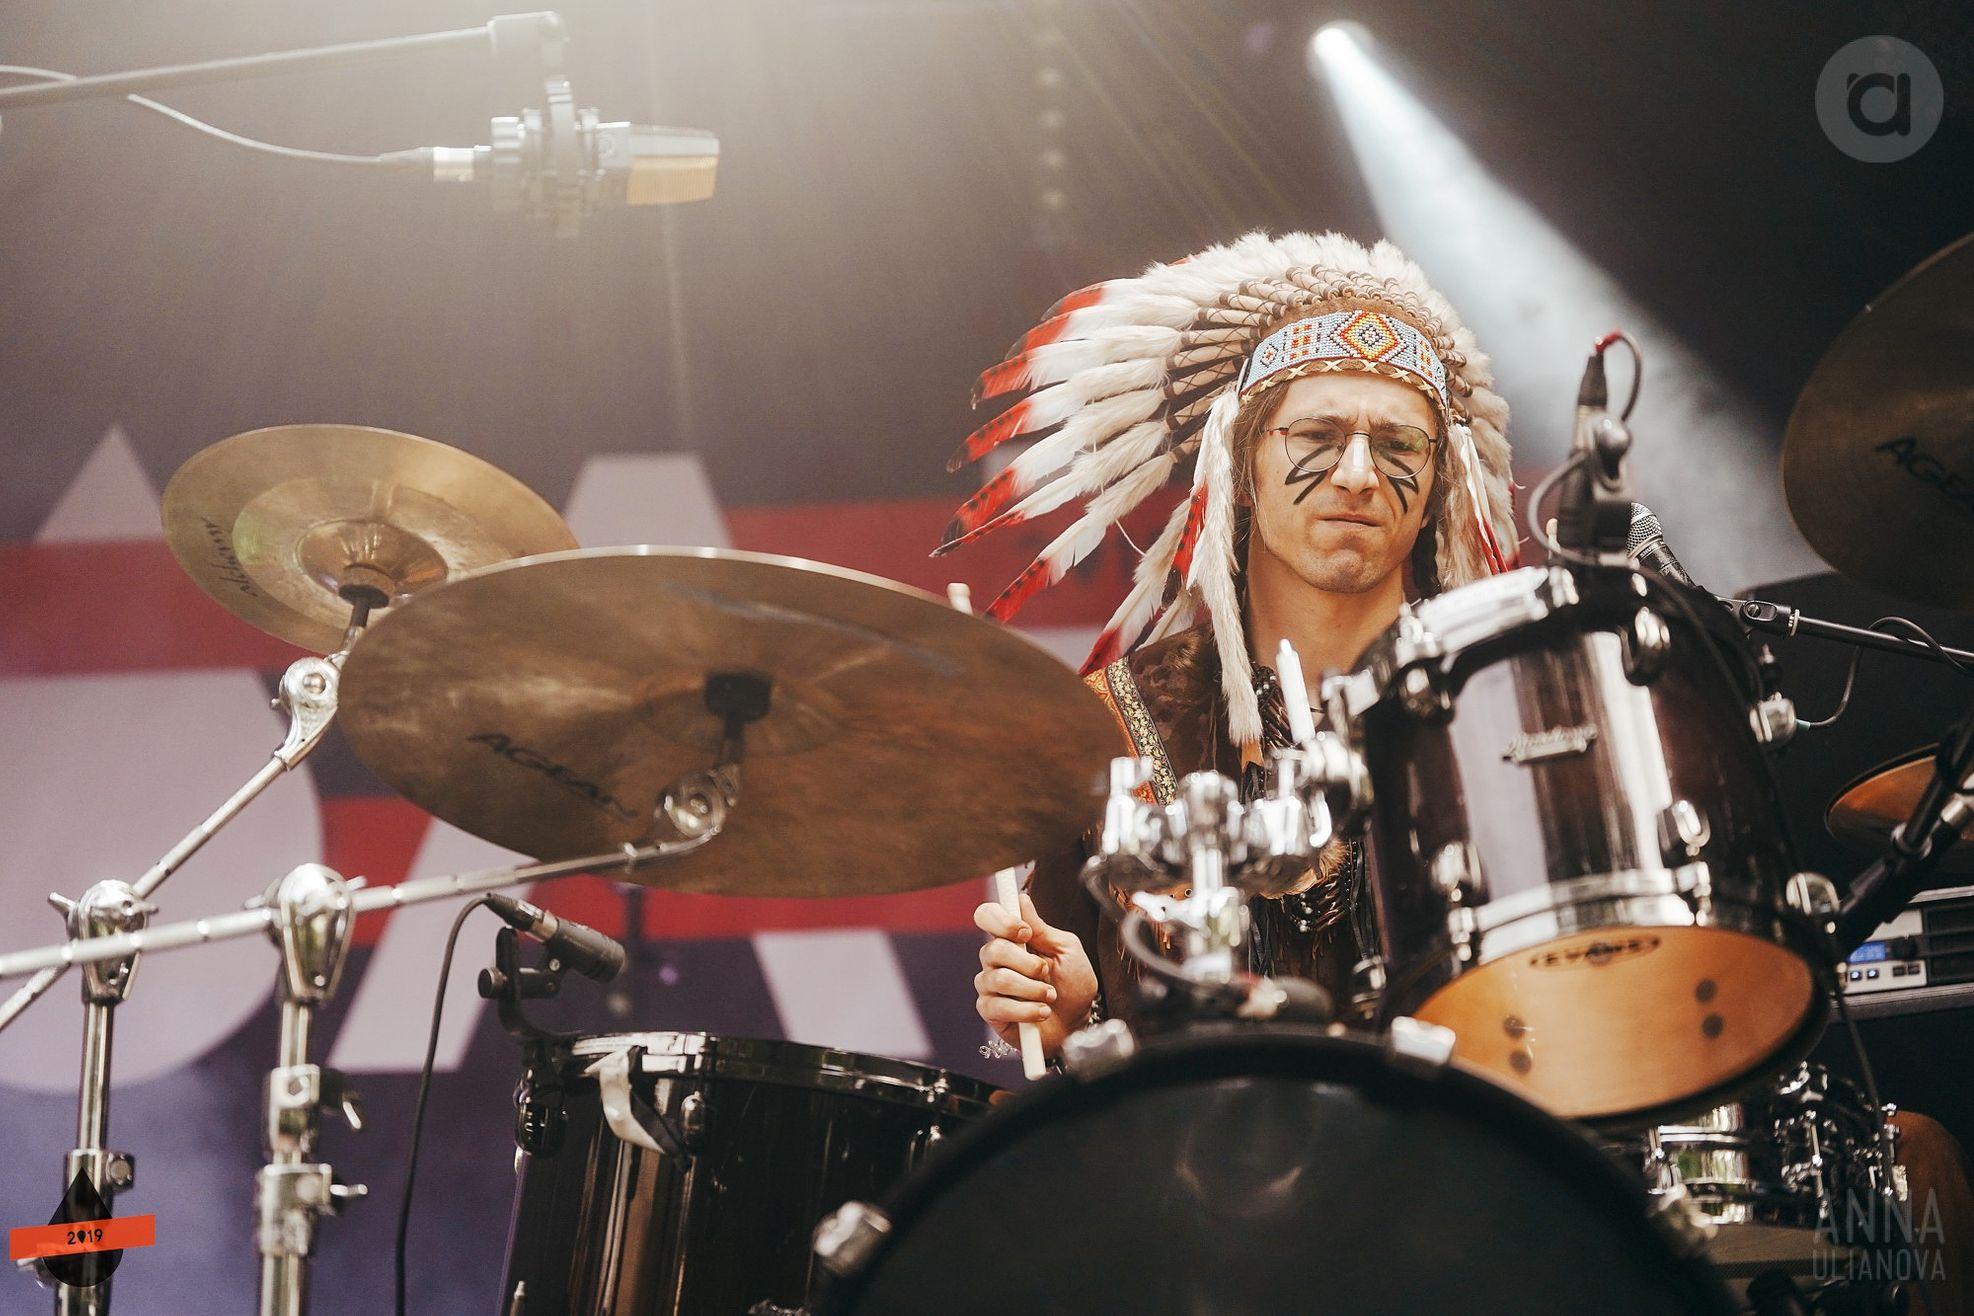 Барабанщик «Хадн Дадн» Никита Чернат. Фото: Анна Ульянова